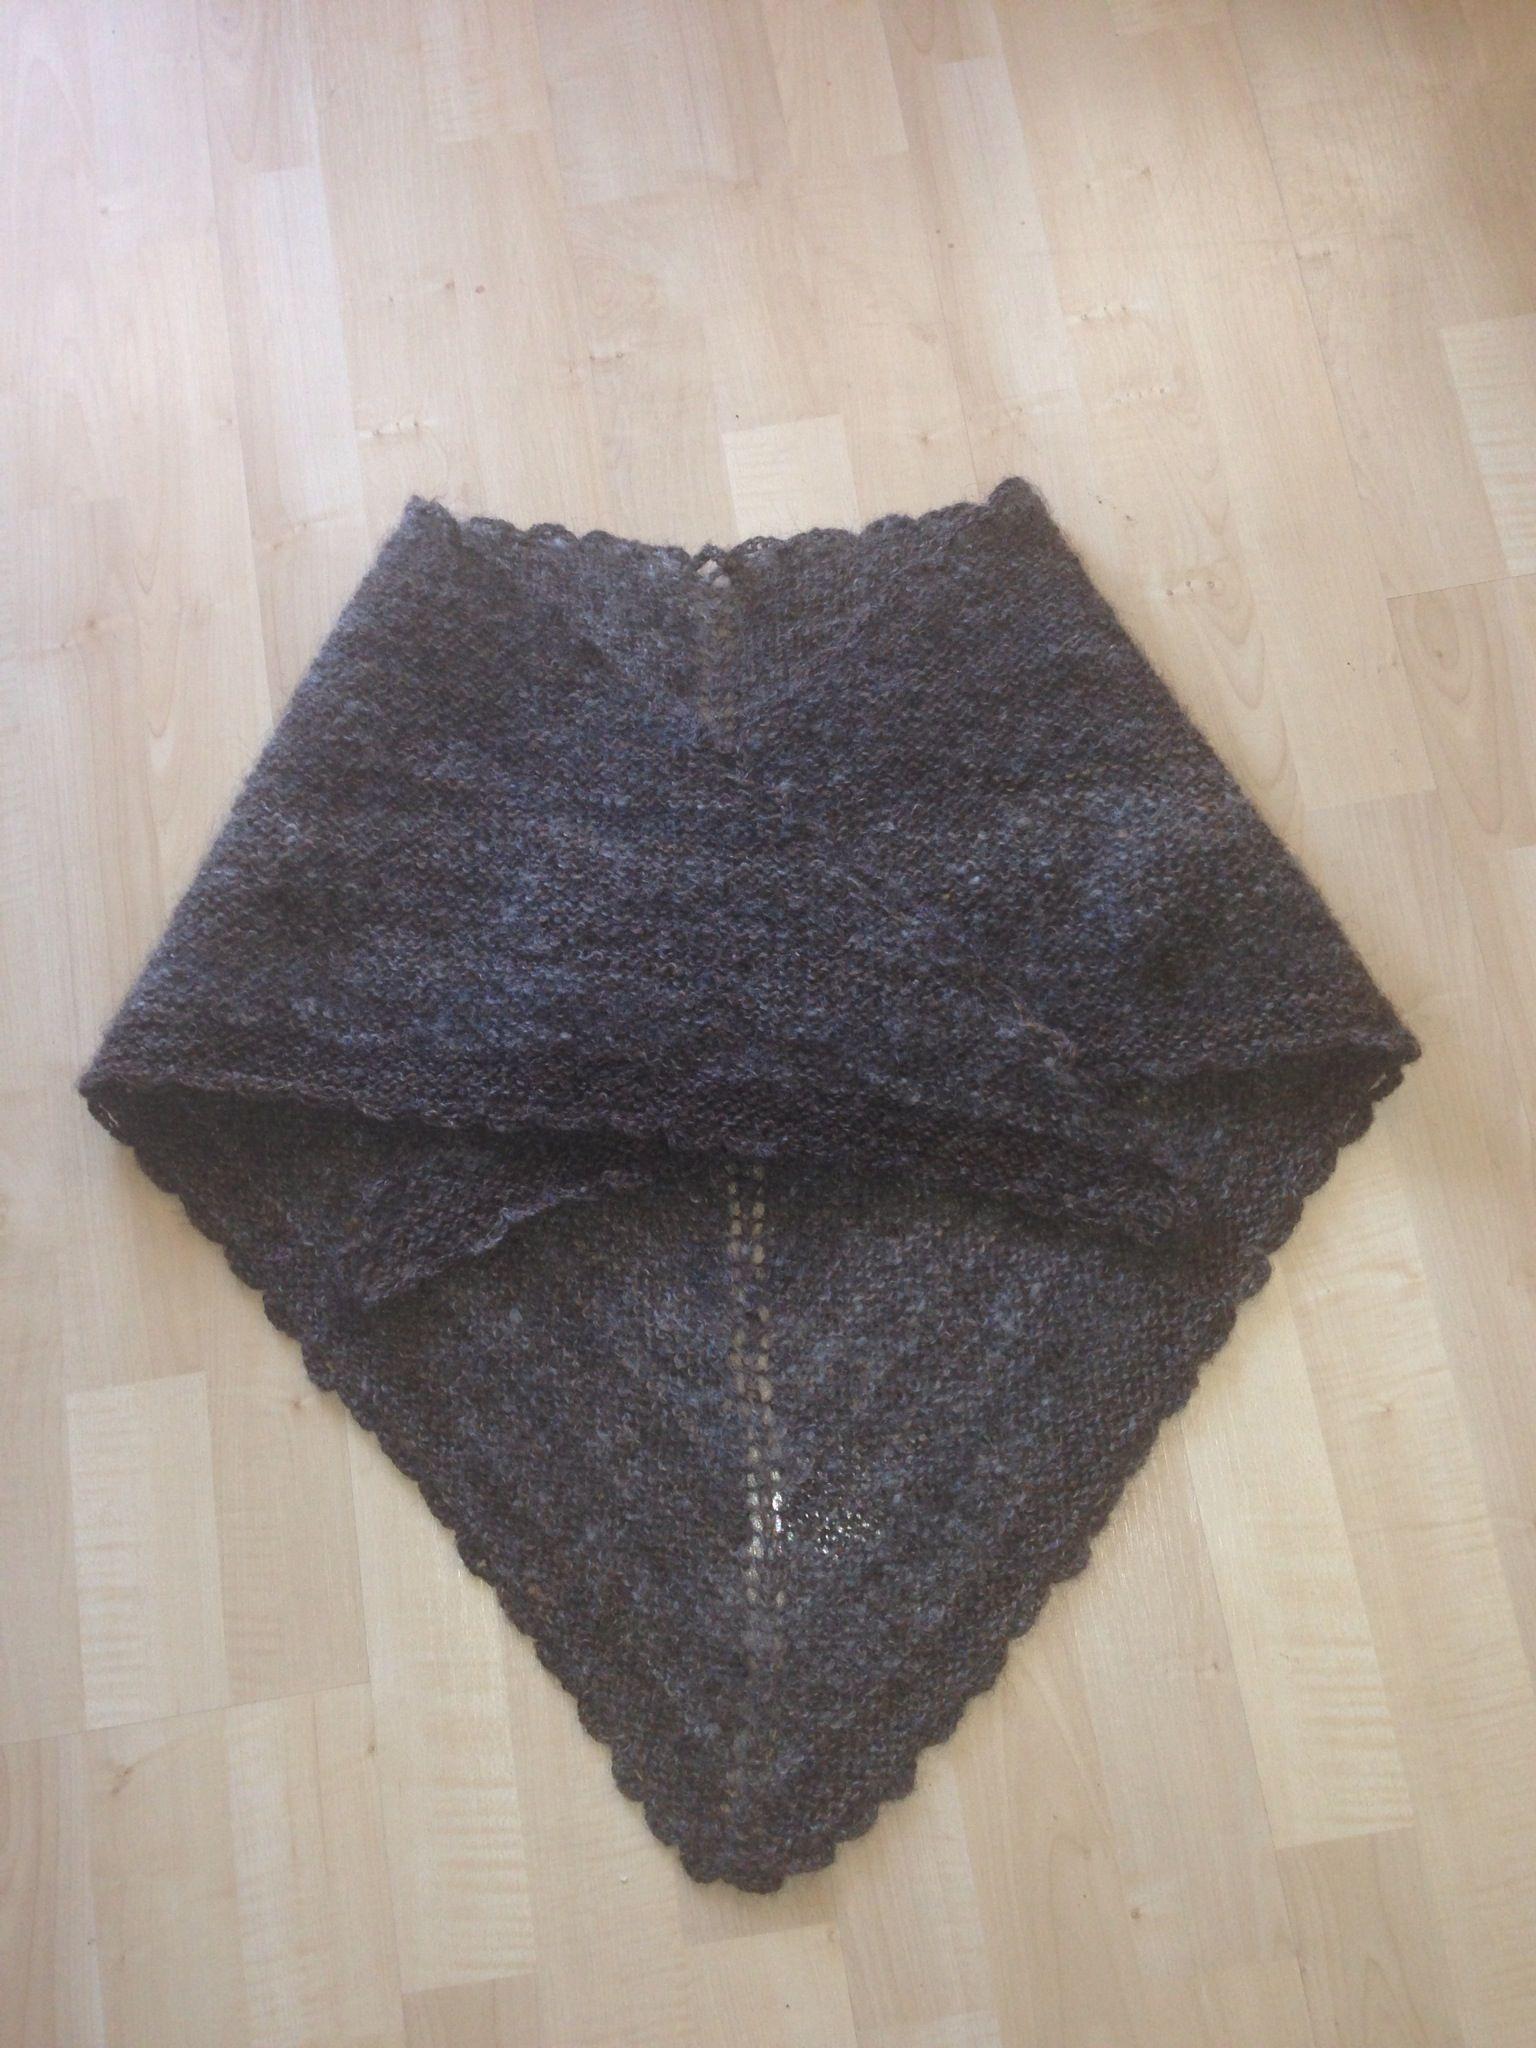 Sjal strikket av hjemmespunnet rent ullgarn kjøpt hos den danske spinnekone i julebyen.